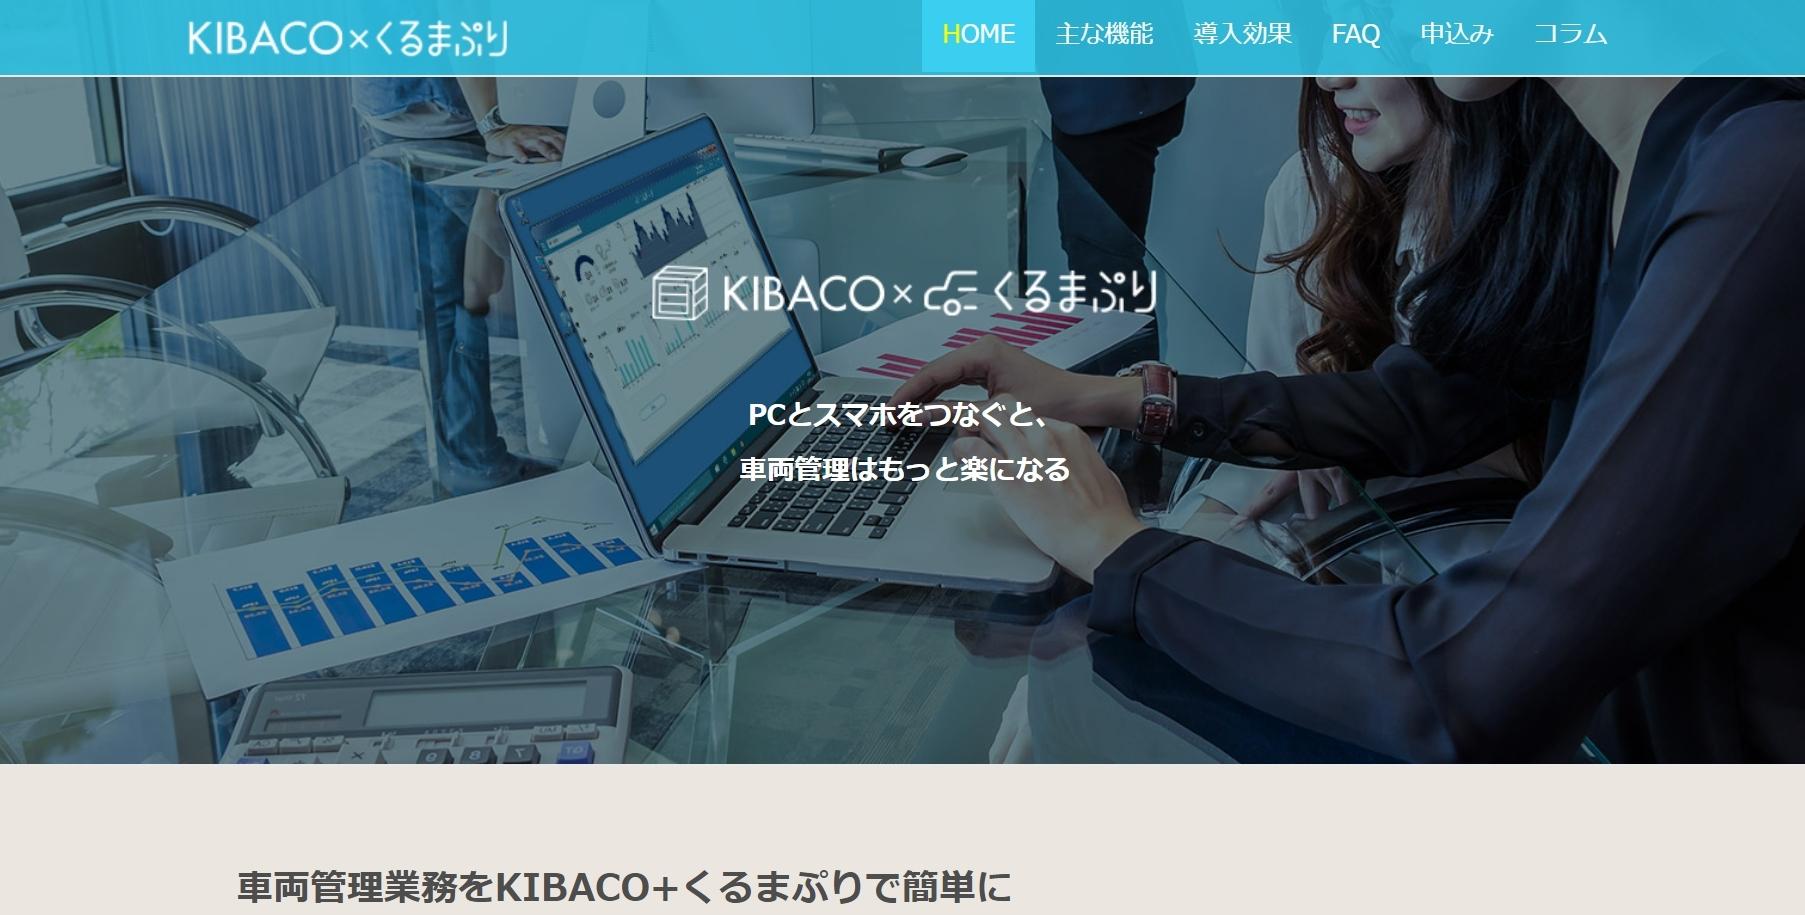 KIBACO×くるまぷり